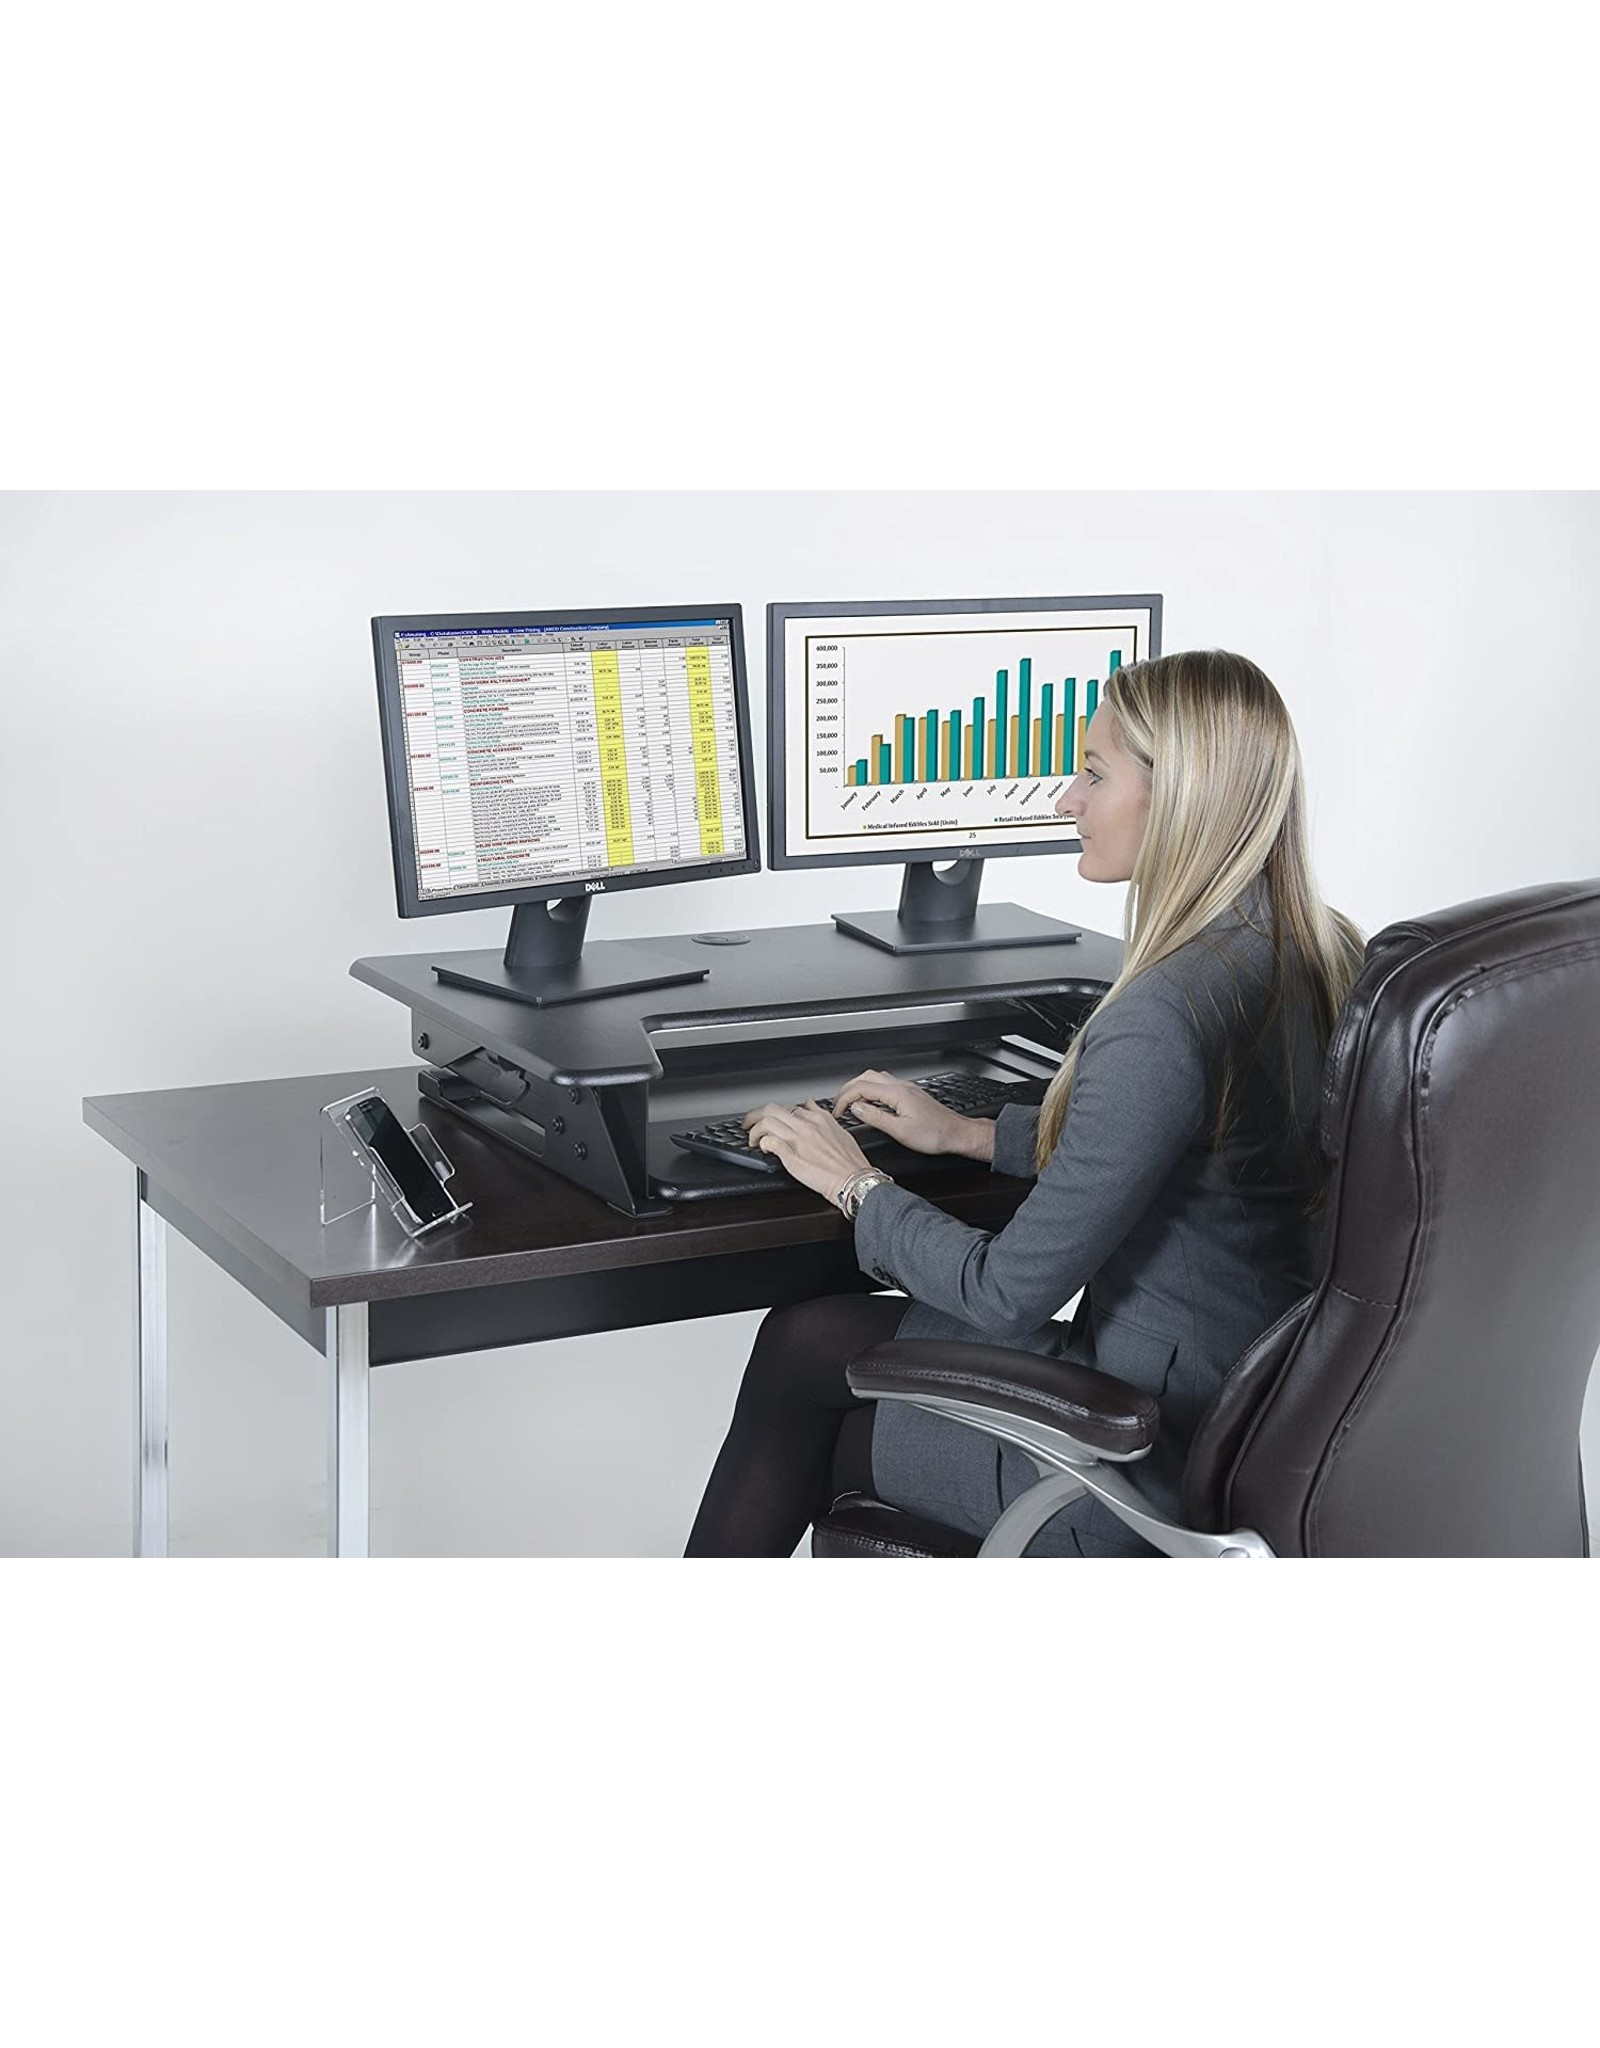 Kantek Kantek Sit to Stand Desktop Riser, Black (STS900)